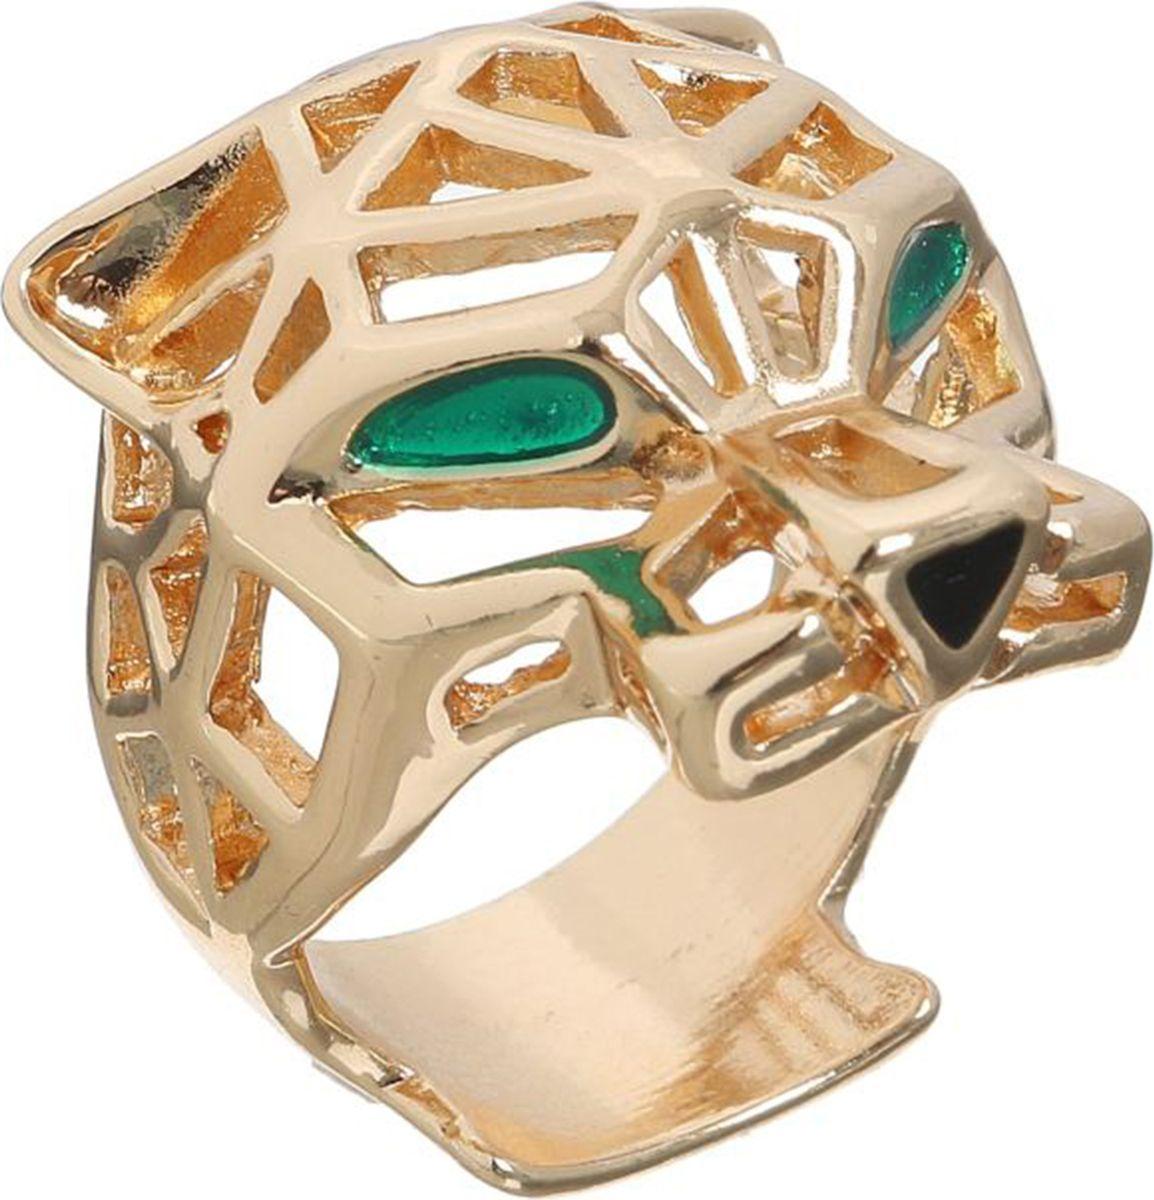 Кольцо Mitya Veselkov Тигр, цвет: золотой, зеленый. 1733837. Размер 171733837Оригинальное кольцо Mitya Veselkov Тигр изготовлено из гипоаллергенного бижутерного сплава. Изделие представляет собой голову тигра с зелеными глазами.